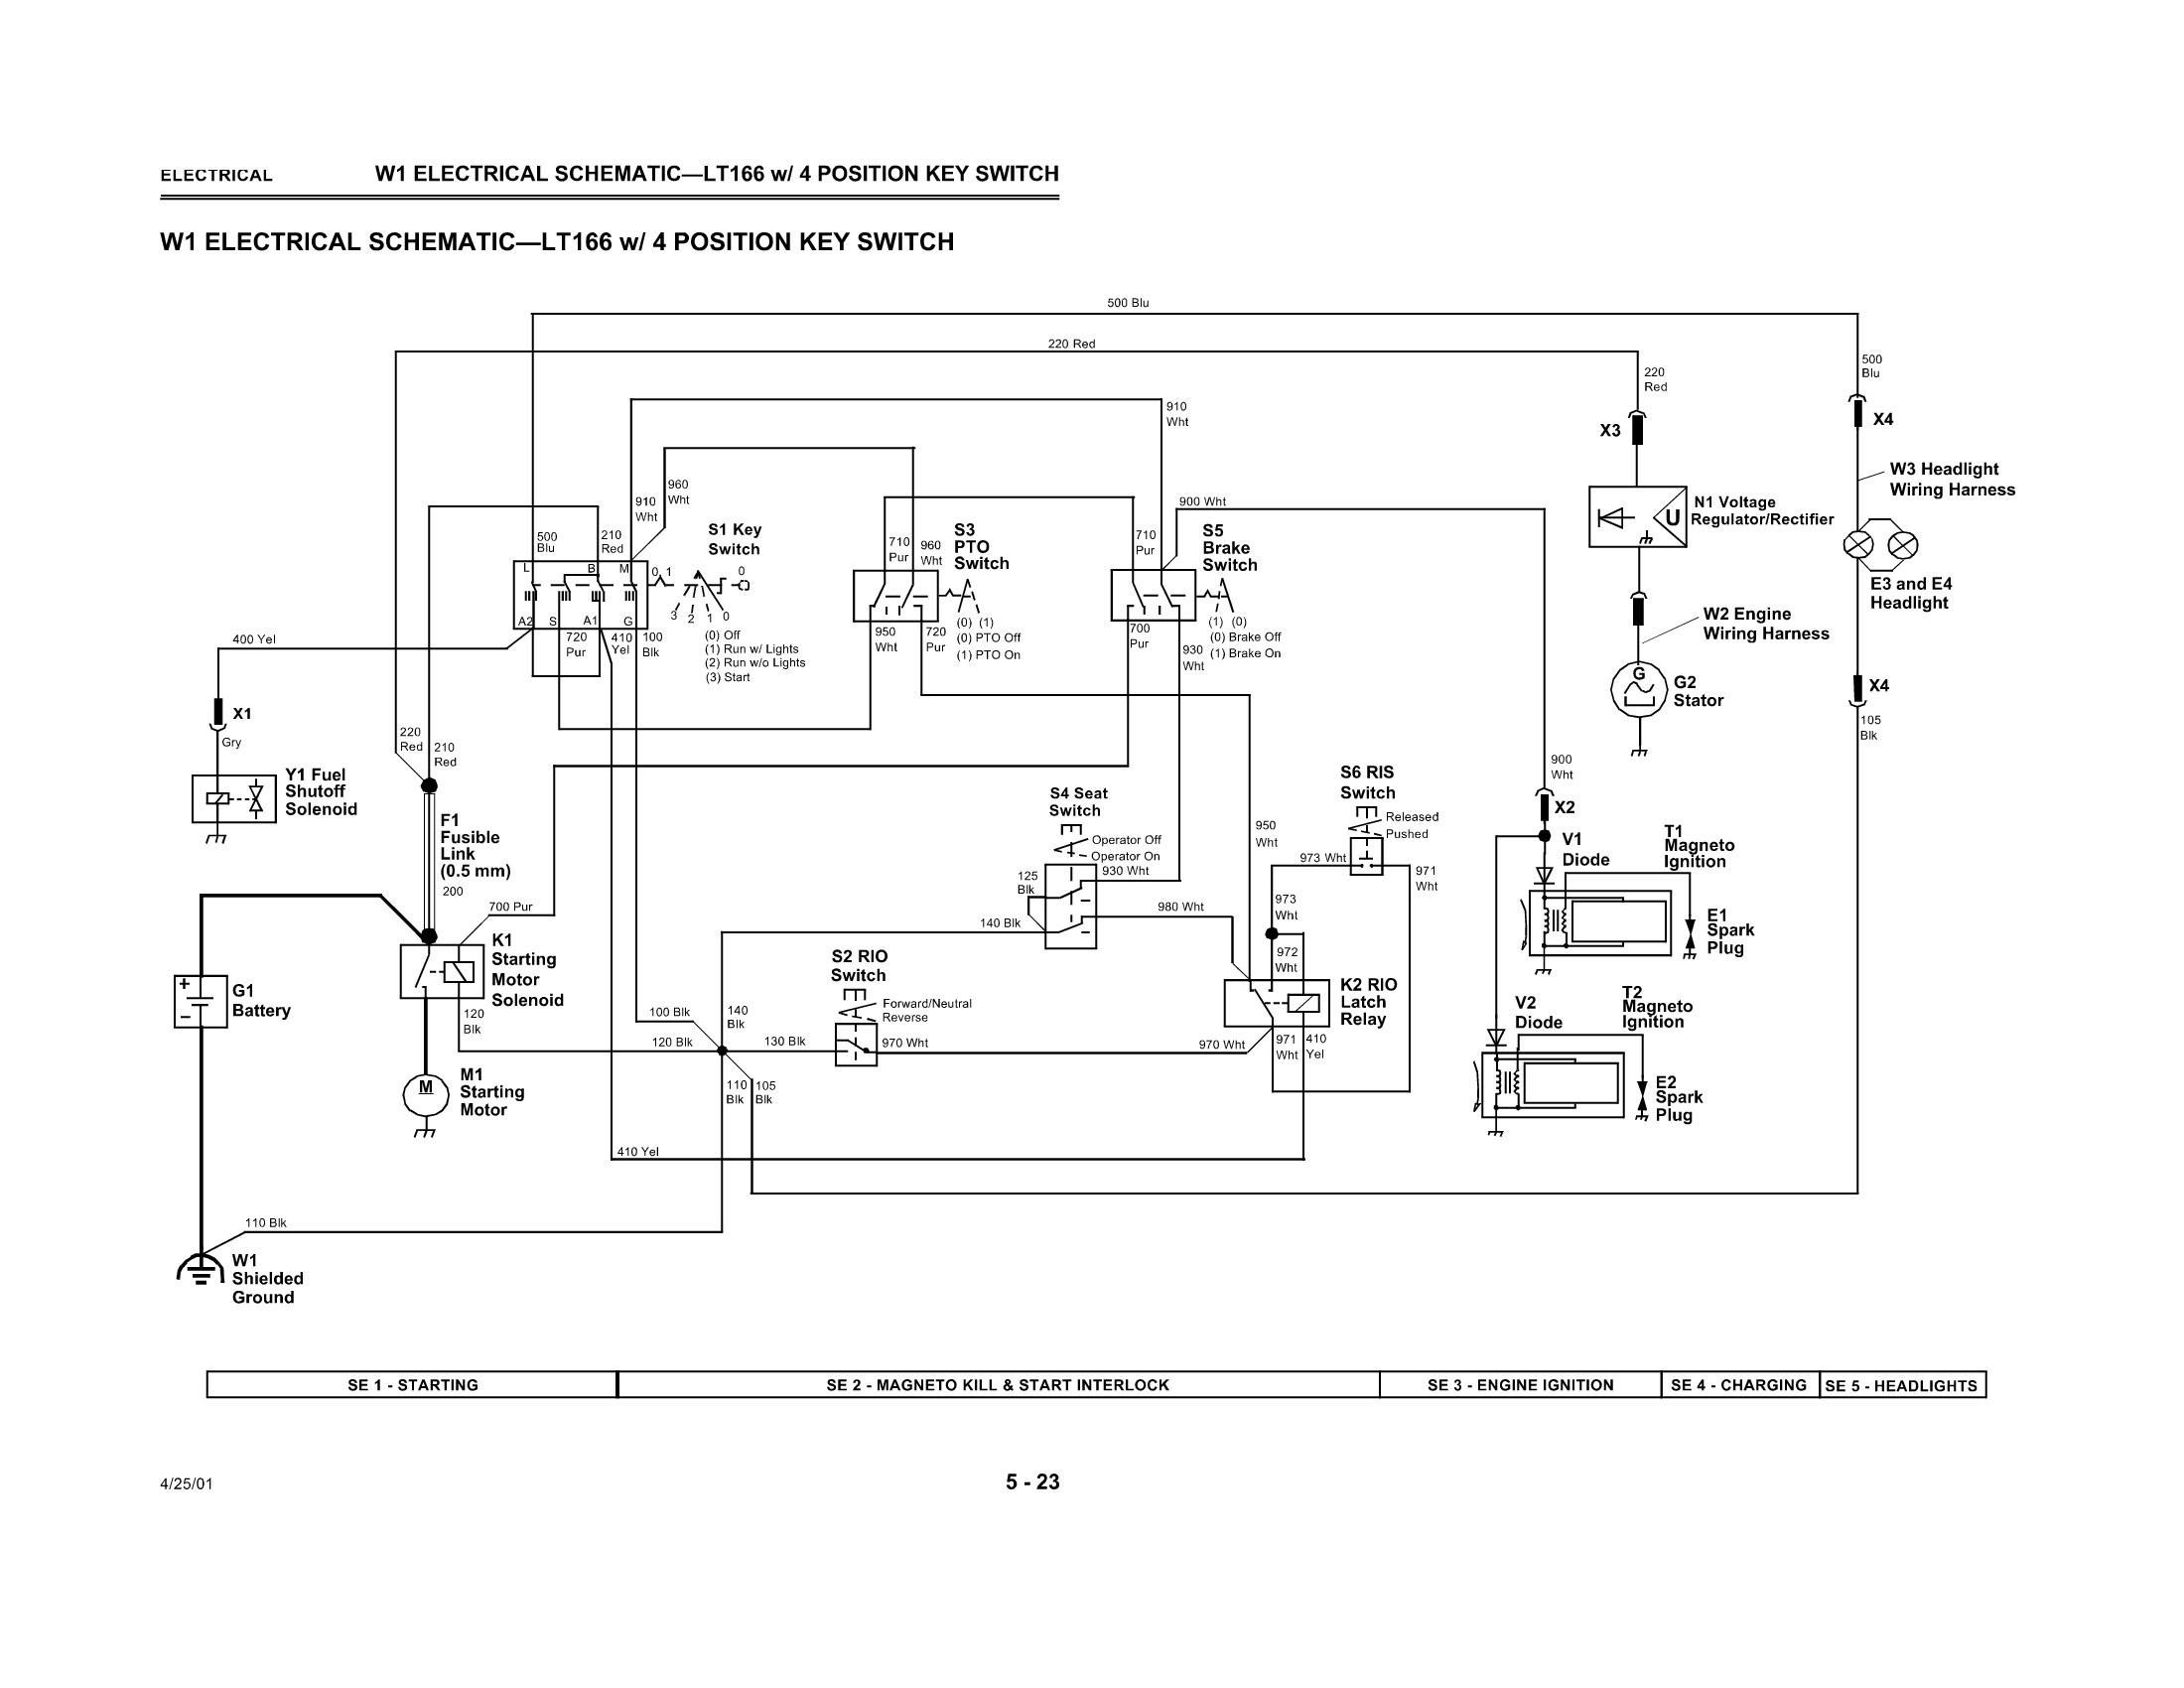 Wiring Schematic John Deere Lt155 Wire Center \u2022 John Deere Mower F525 Schematic  John Deere Lt133 Electrical Schematic